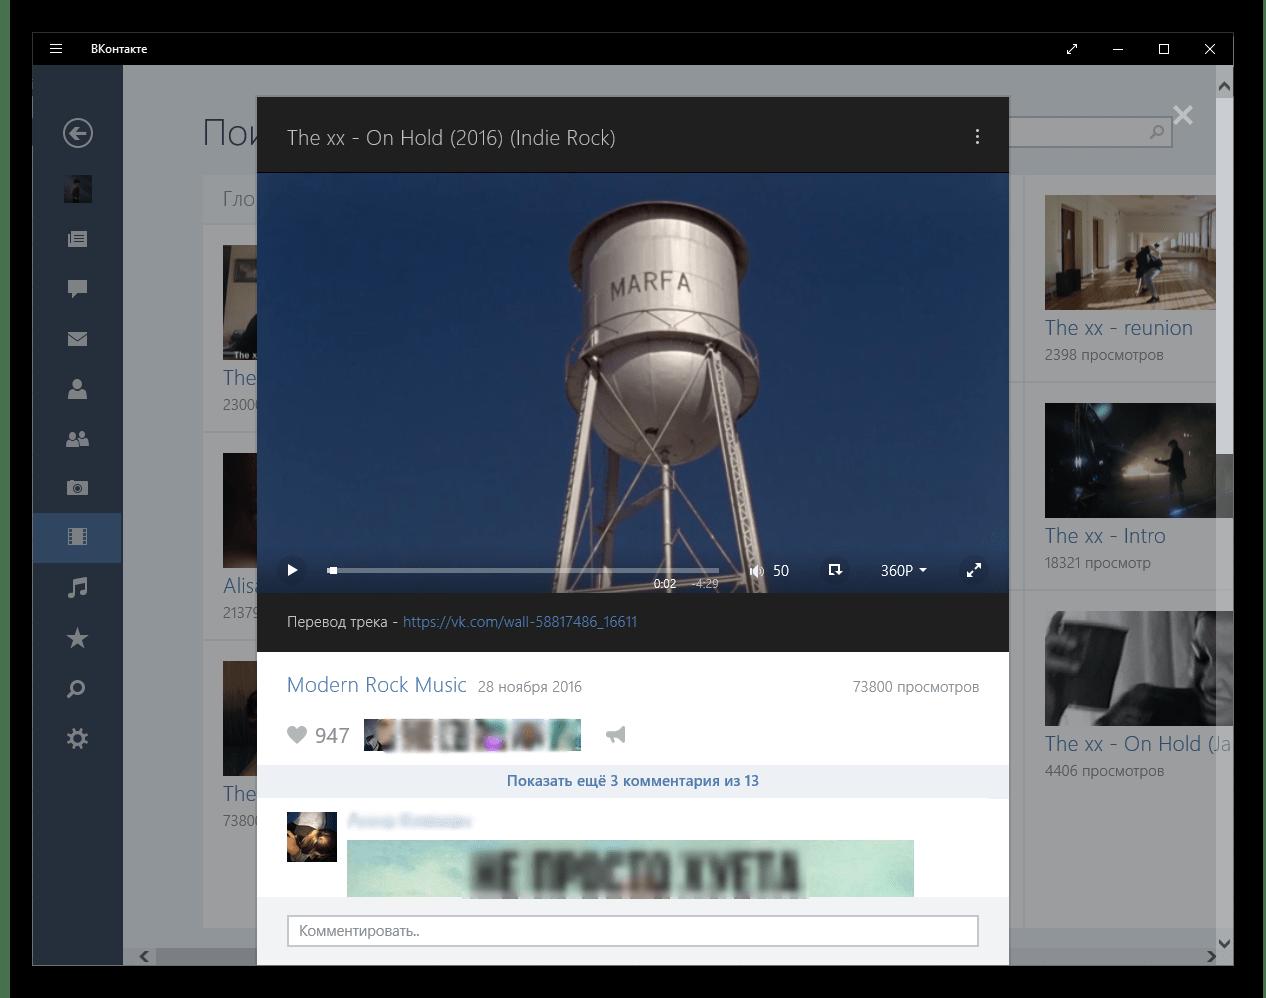 Просмотр видеозаписей в приложении ВКонтакте для Windows 10